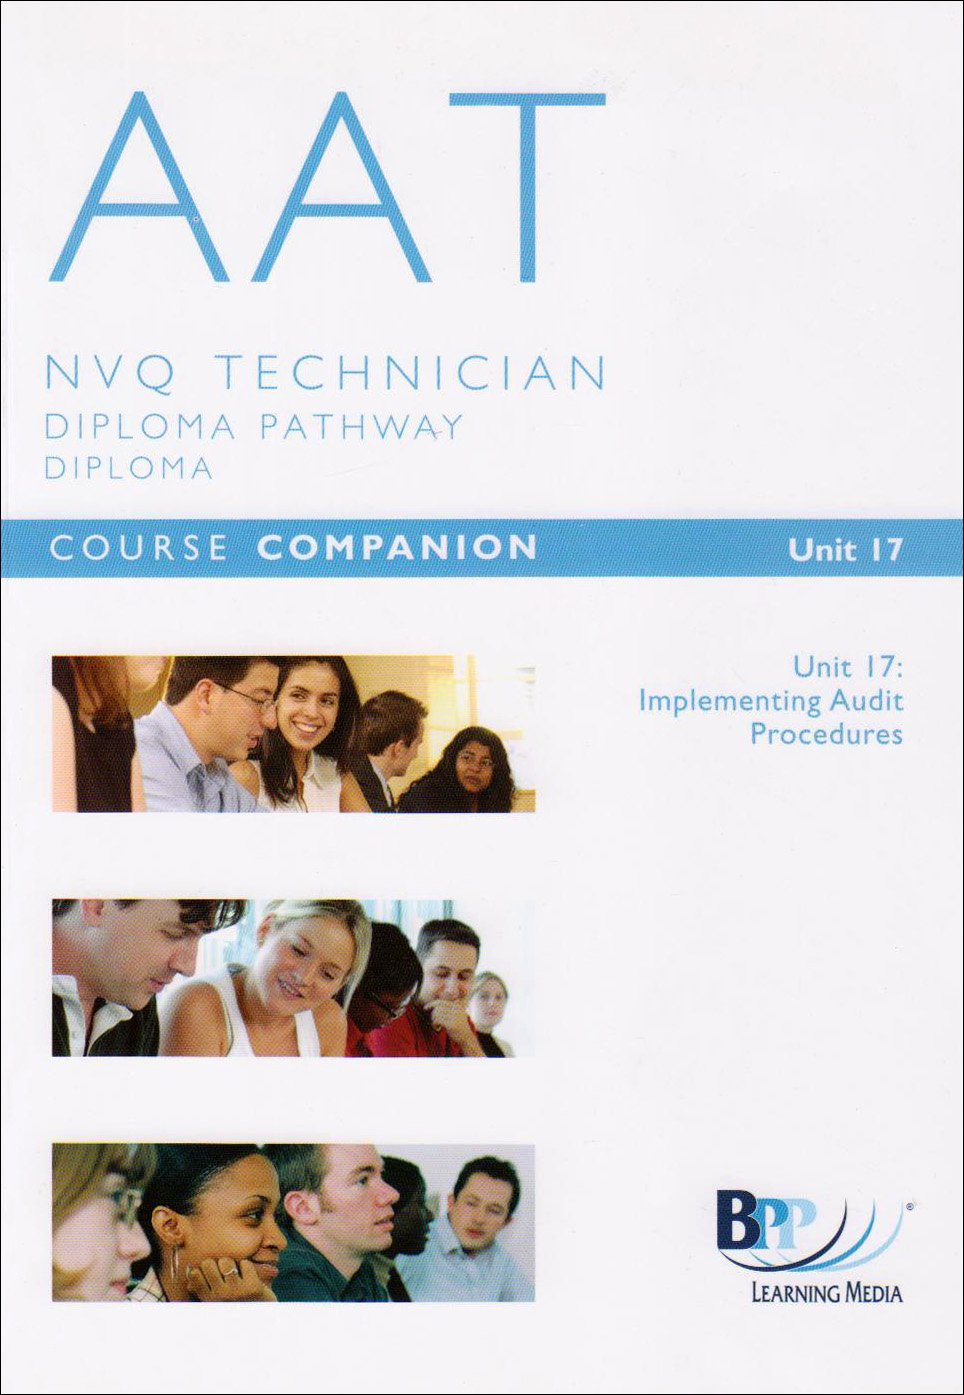 AAT - Unit 17 Implementing Auditing Procedures: Unit 17: Course Companion ebook